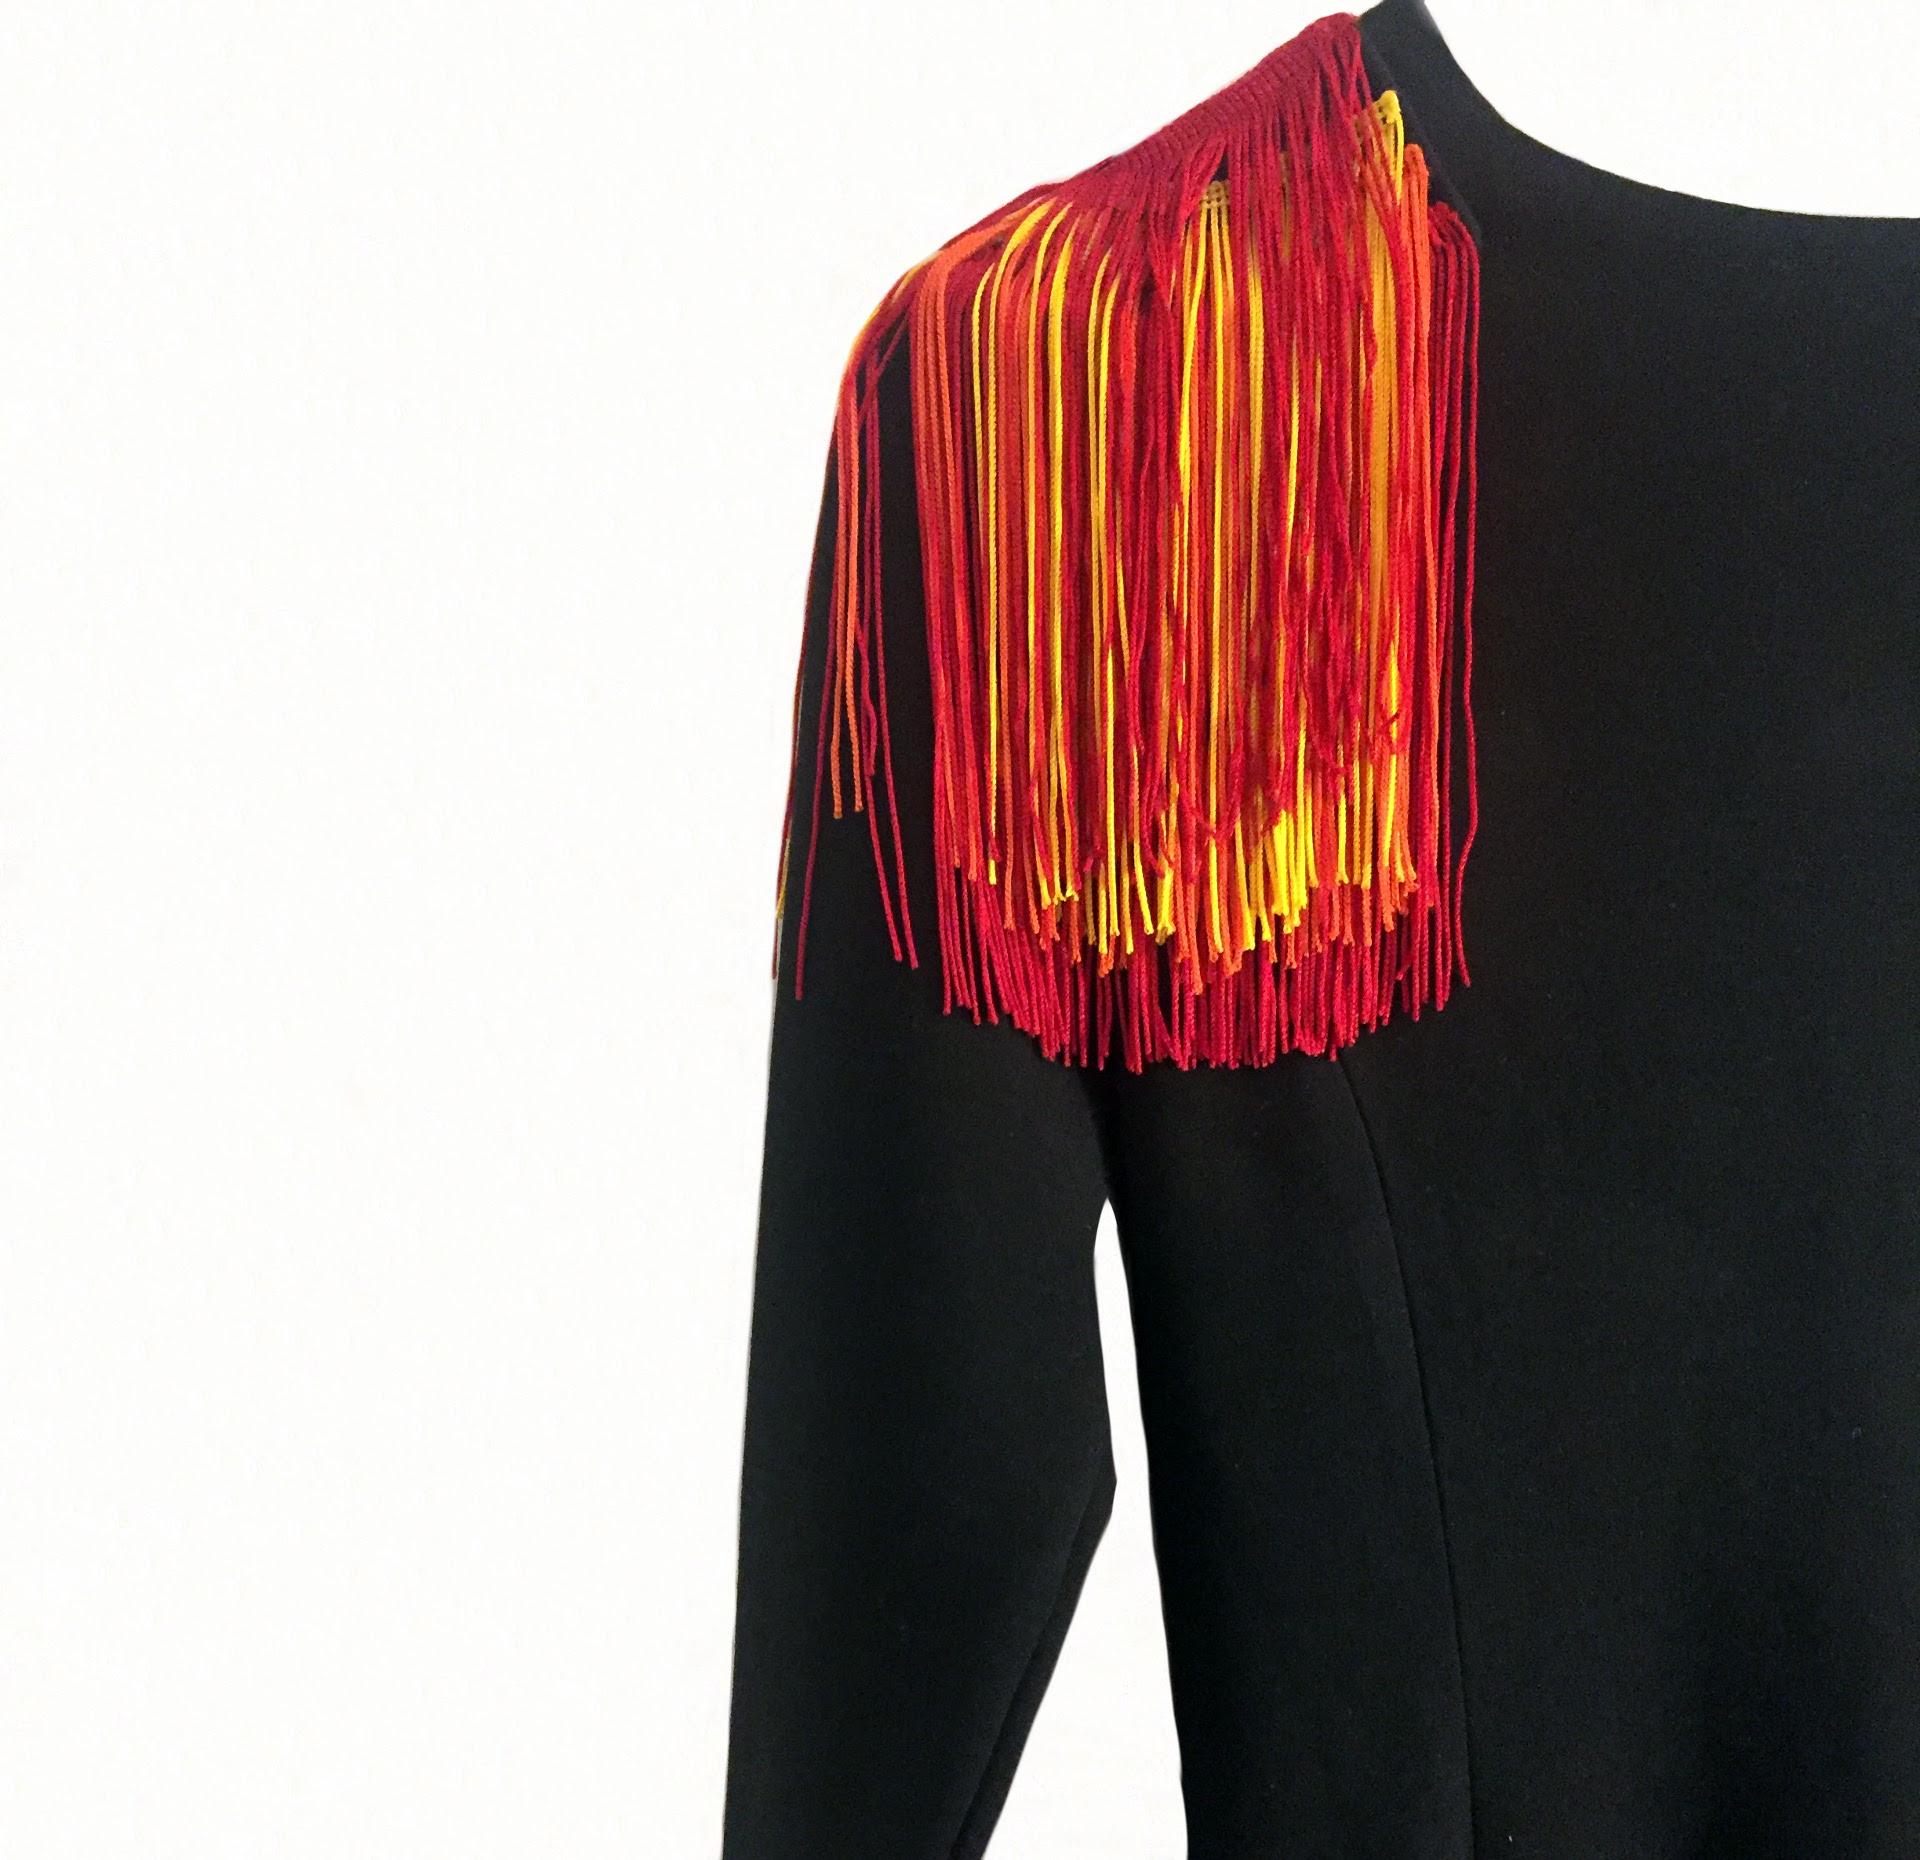 szycie ozdoba frędzelki igla szyje sukienka papuga iglawpodrozy